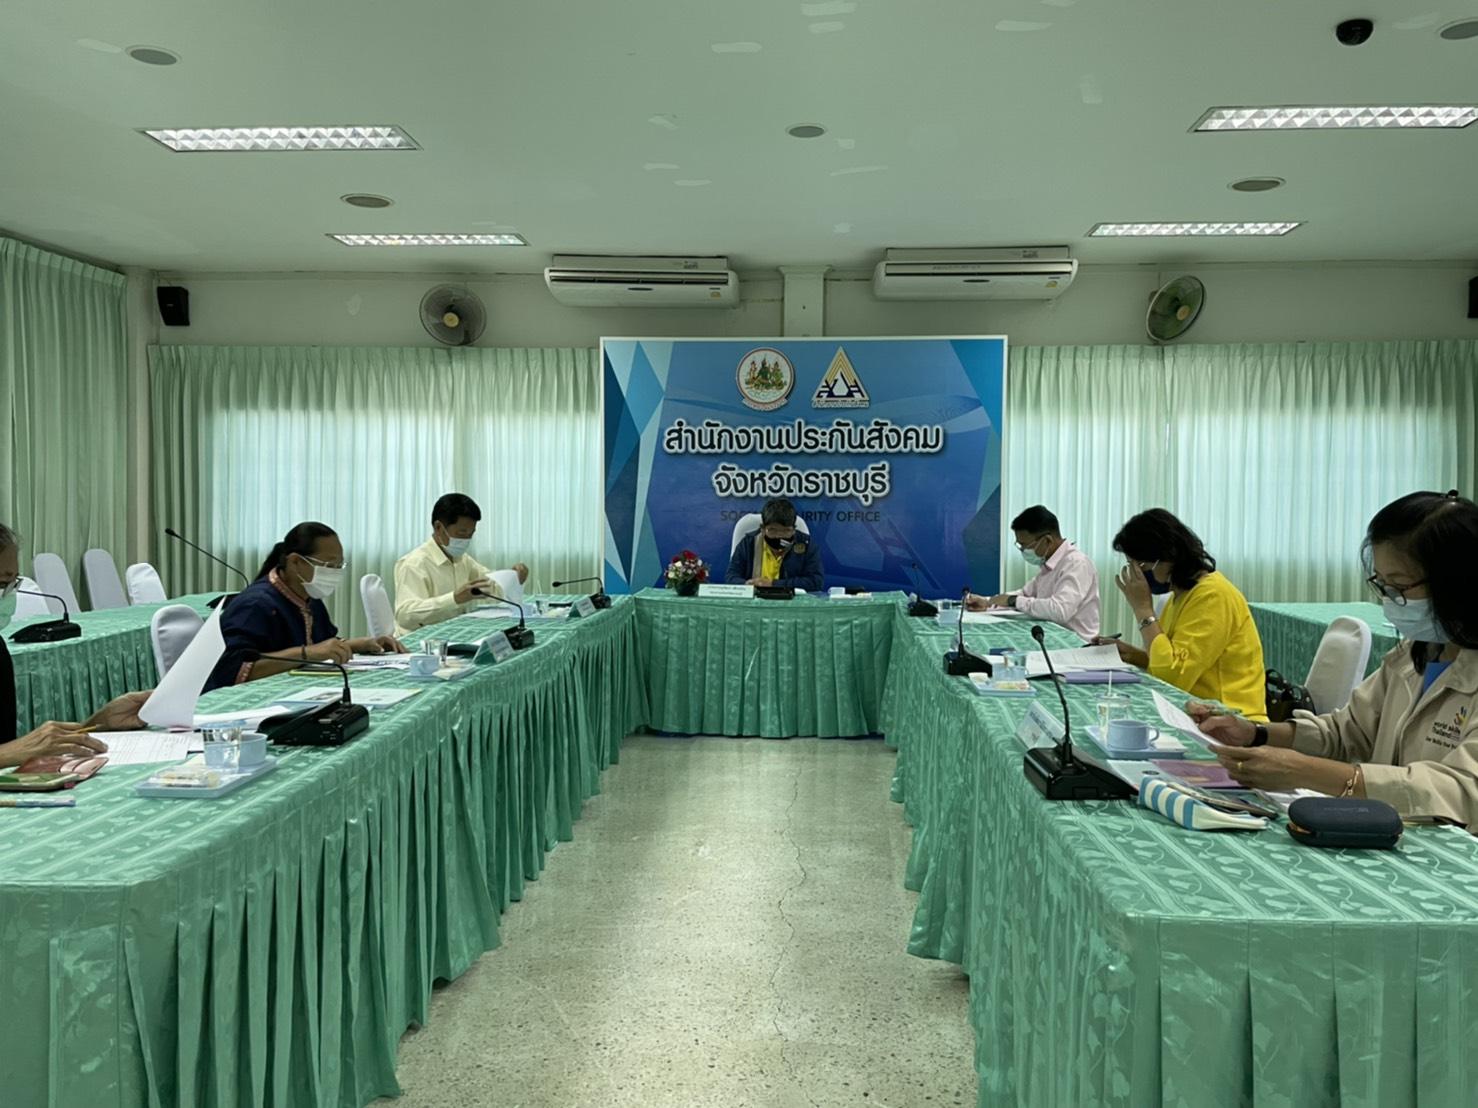 การประชุมหัวหน้าส่วนราชการสังกัดกระทรวงแรงงานจังหวัดราชบุรีครั้งที่ ๑๒/๒๕๖๓